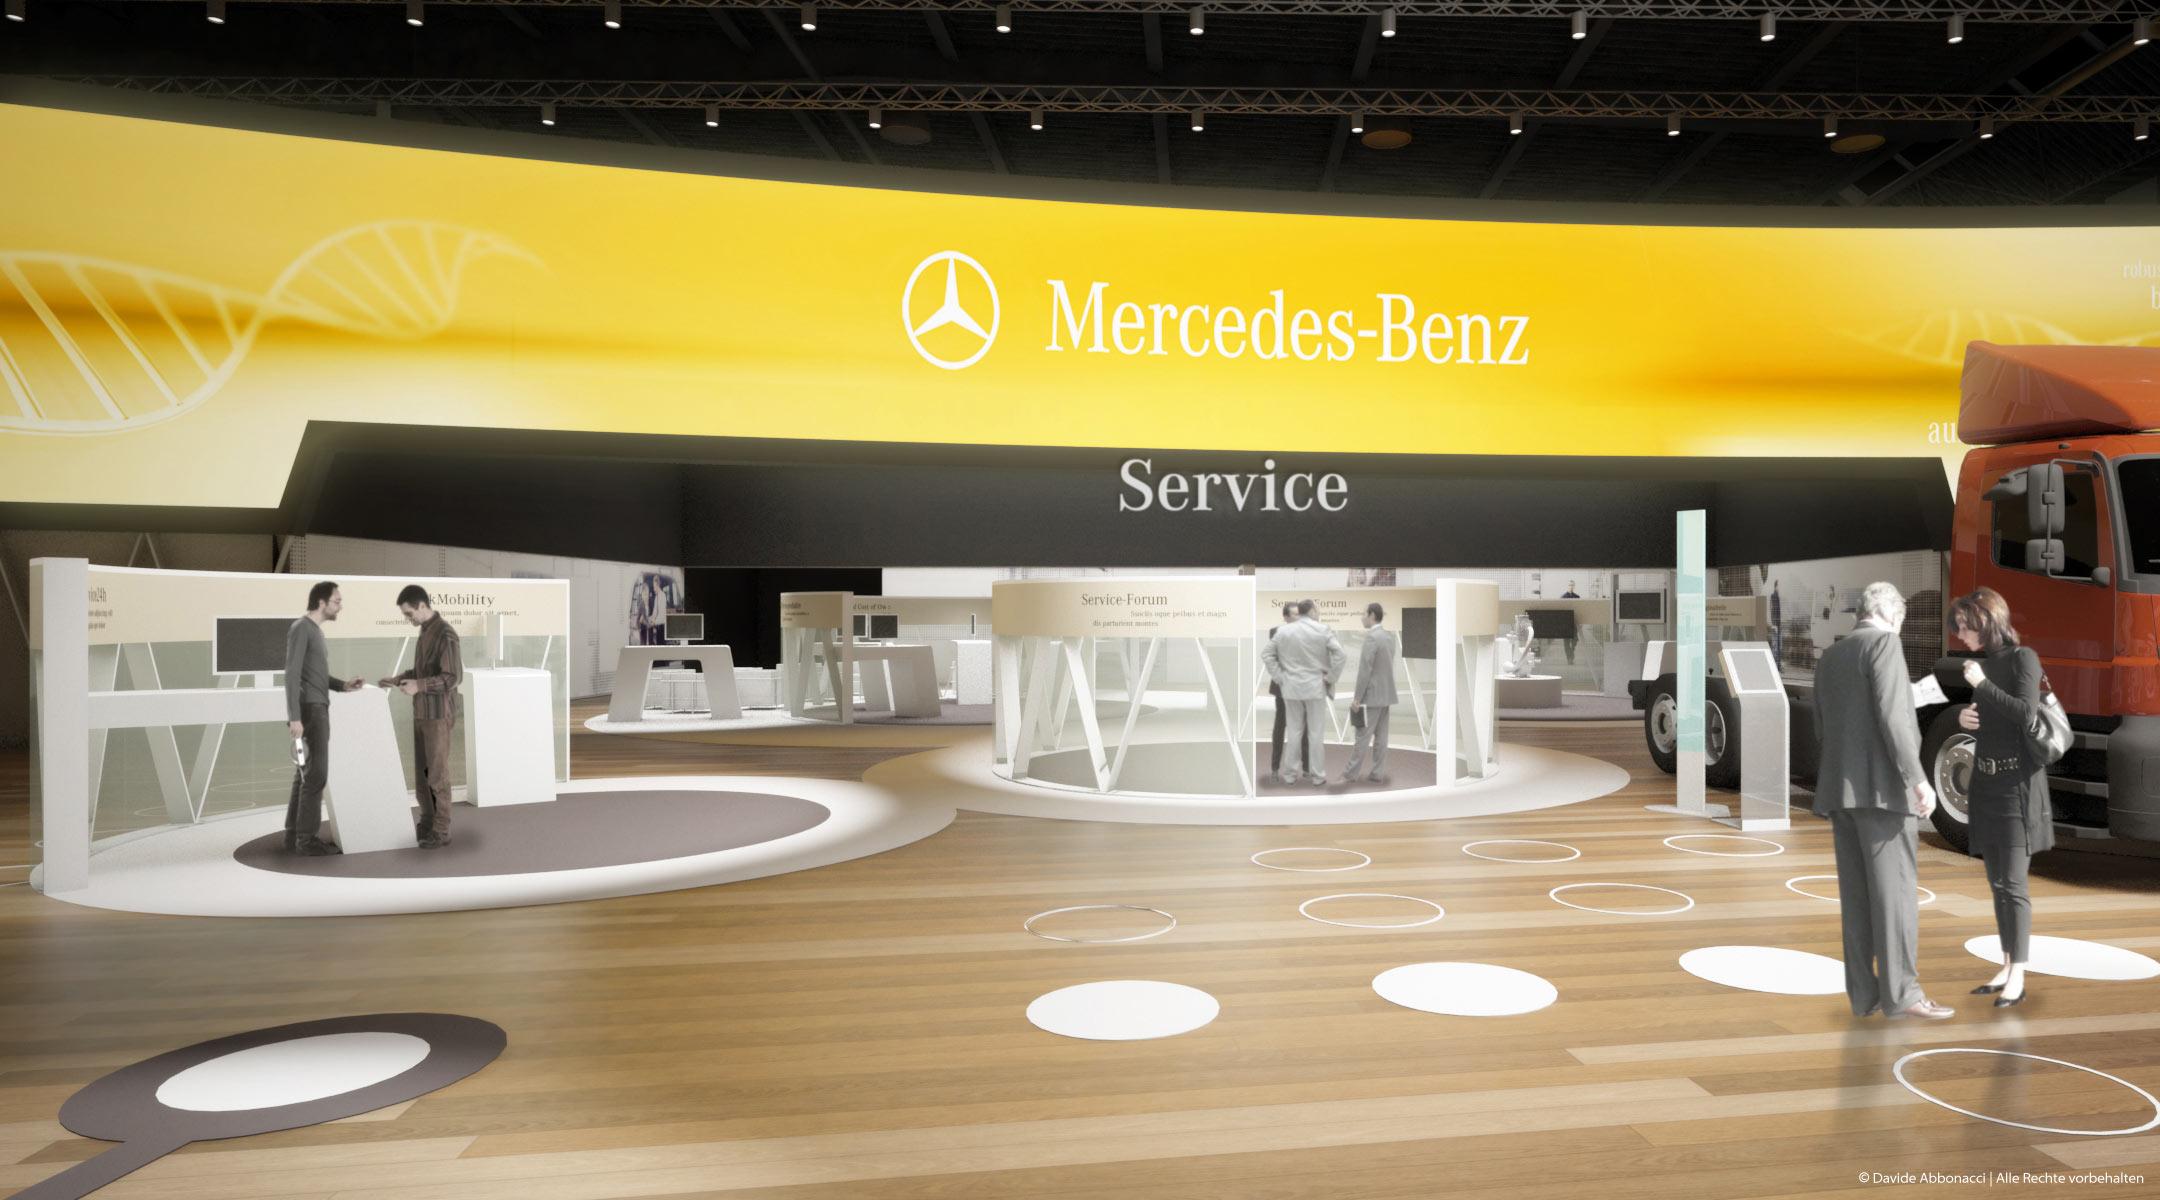 Daimler Mehrmarkenstand - IAA 2010 Nutzfahrzeuge, Hannover   Heide & Von Beckerath Architekten   2010 Messestandvisualisierung